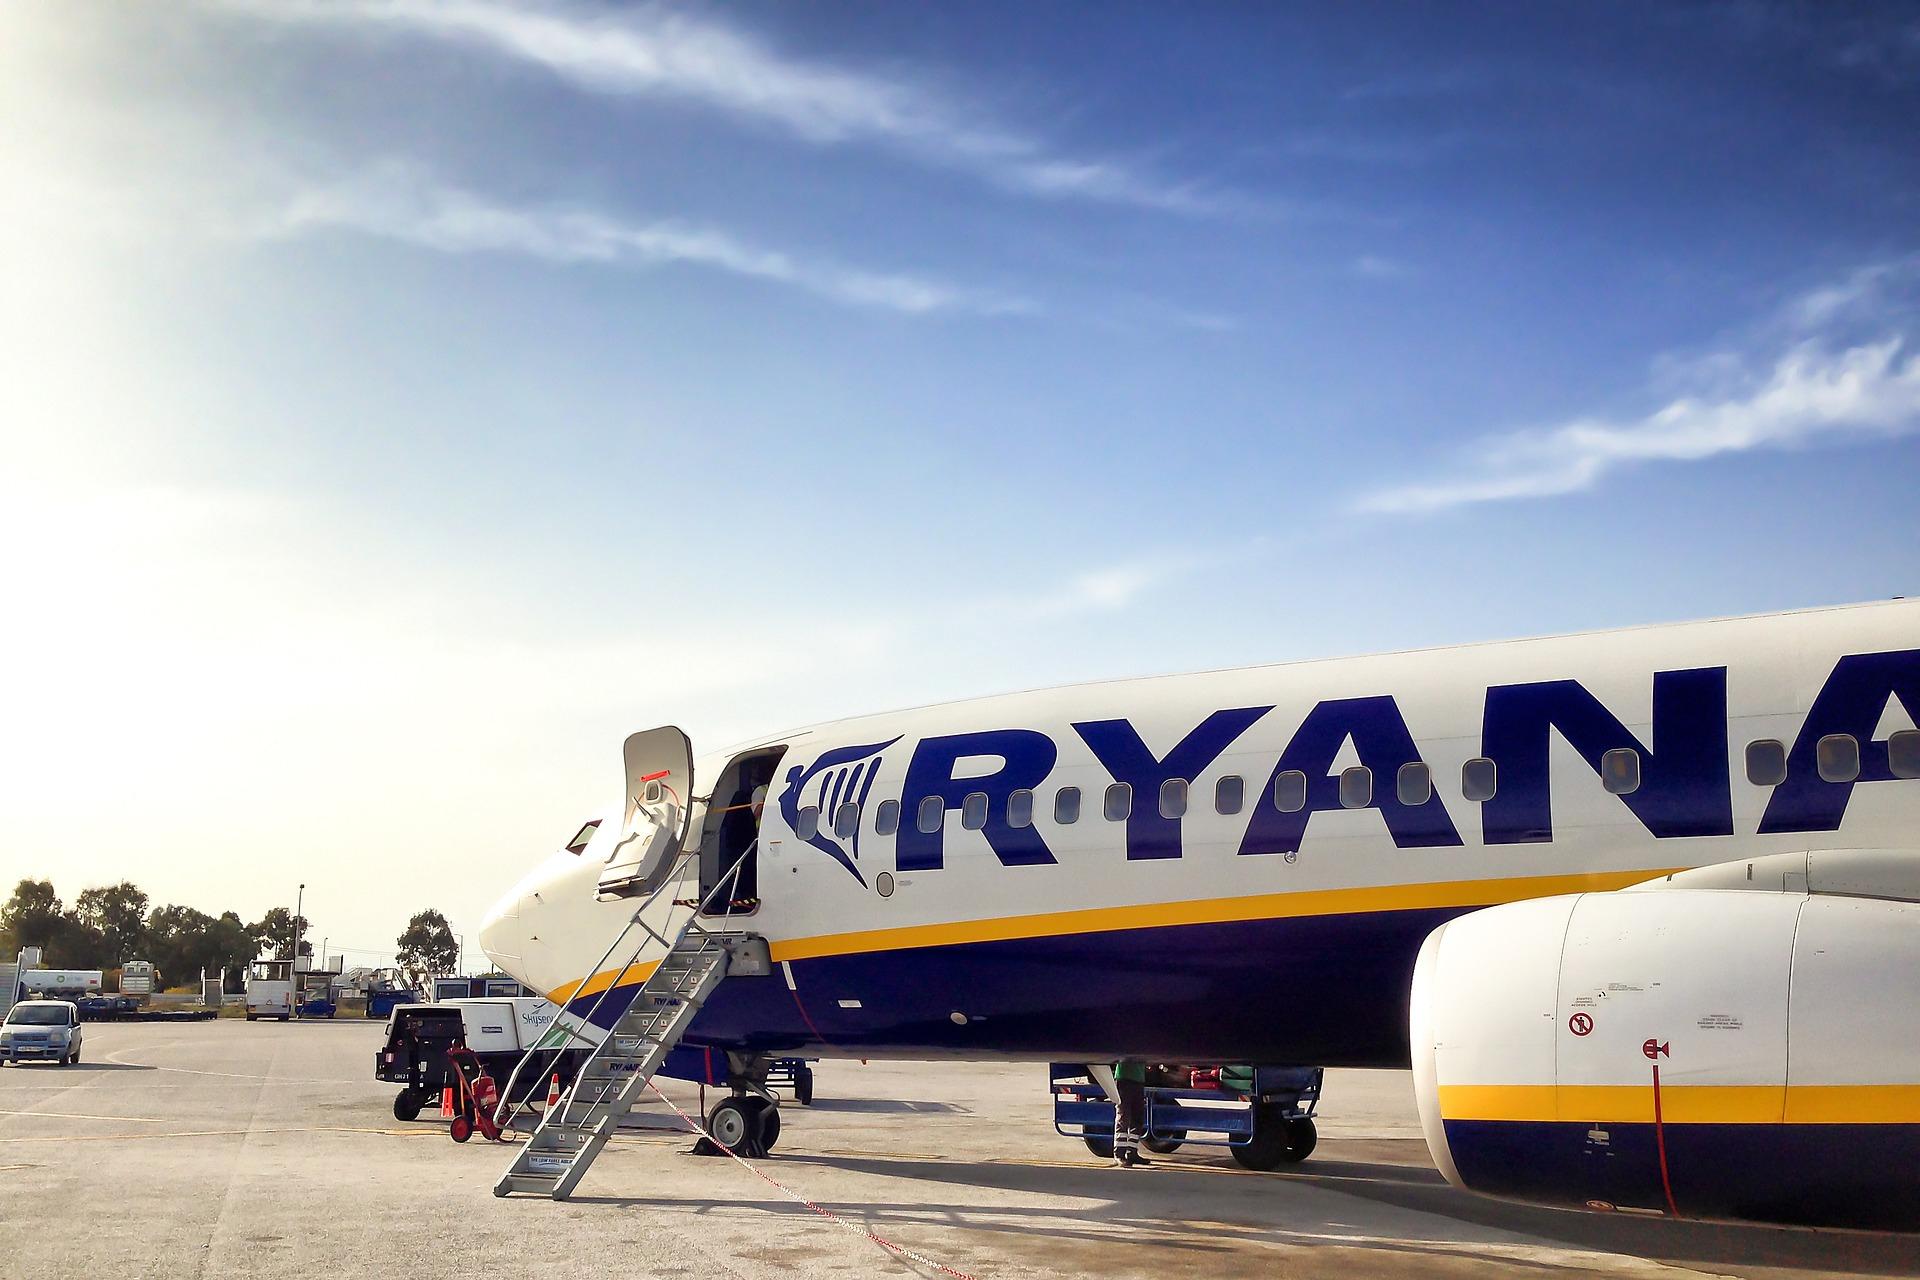 Flüge: Ryanair Aktion - Ab vielen deutschen Flughäfen ab nur 9,99€ (one-way) zu vielen Zielen in ganz Europa!